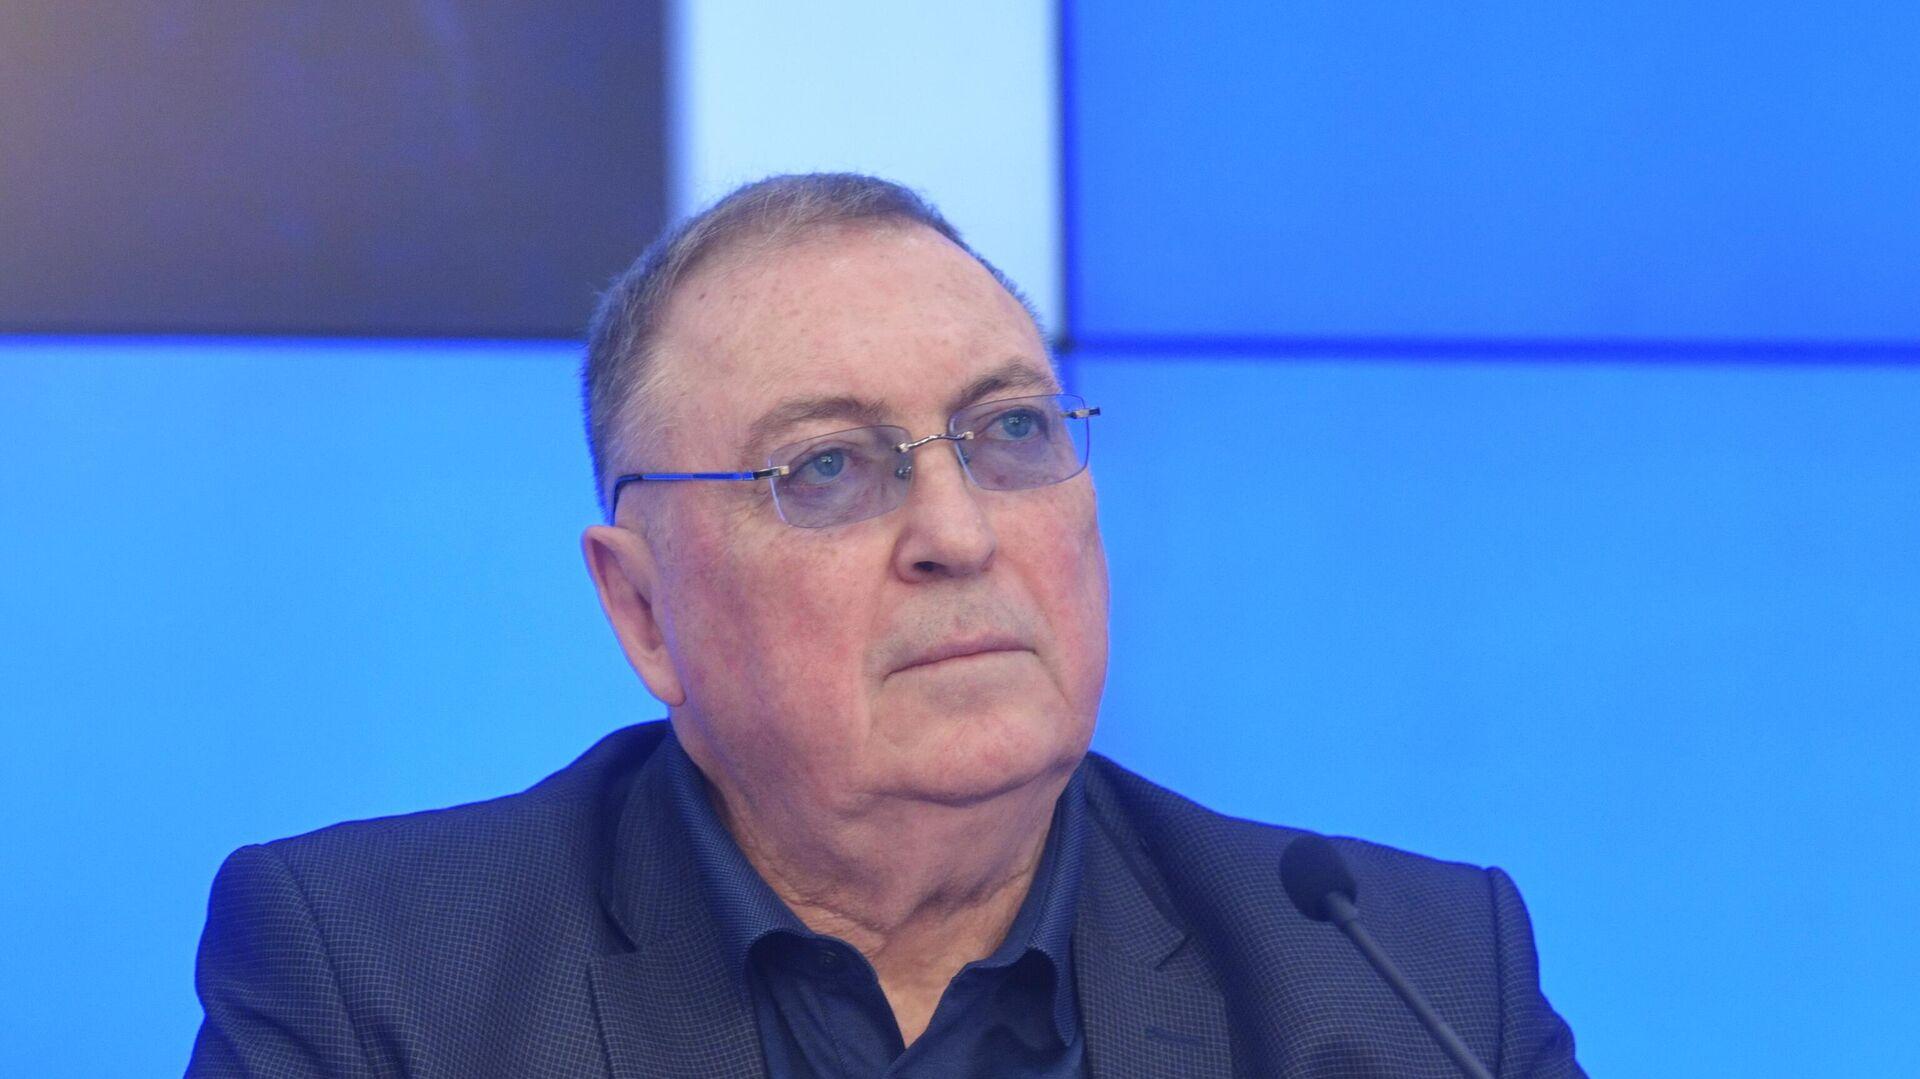 Политолог, писатель, профессор Дмитрий Выдрин - Sputnik Таджикистан, 1920, 19.08.2021